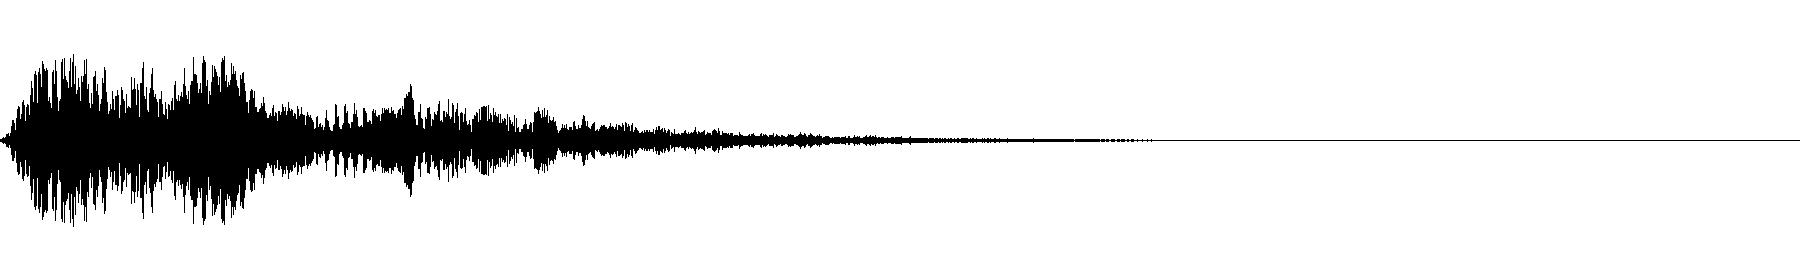 bluezone xworld sound 095